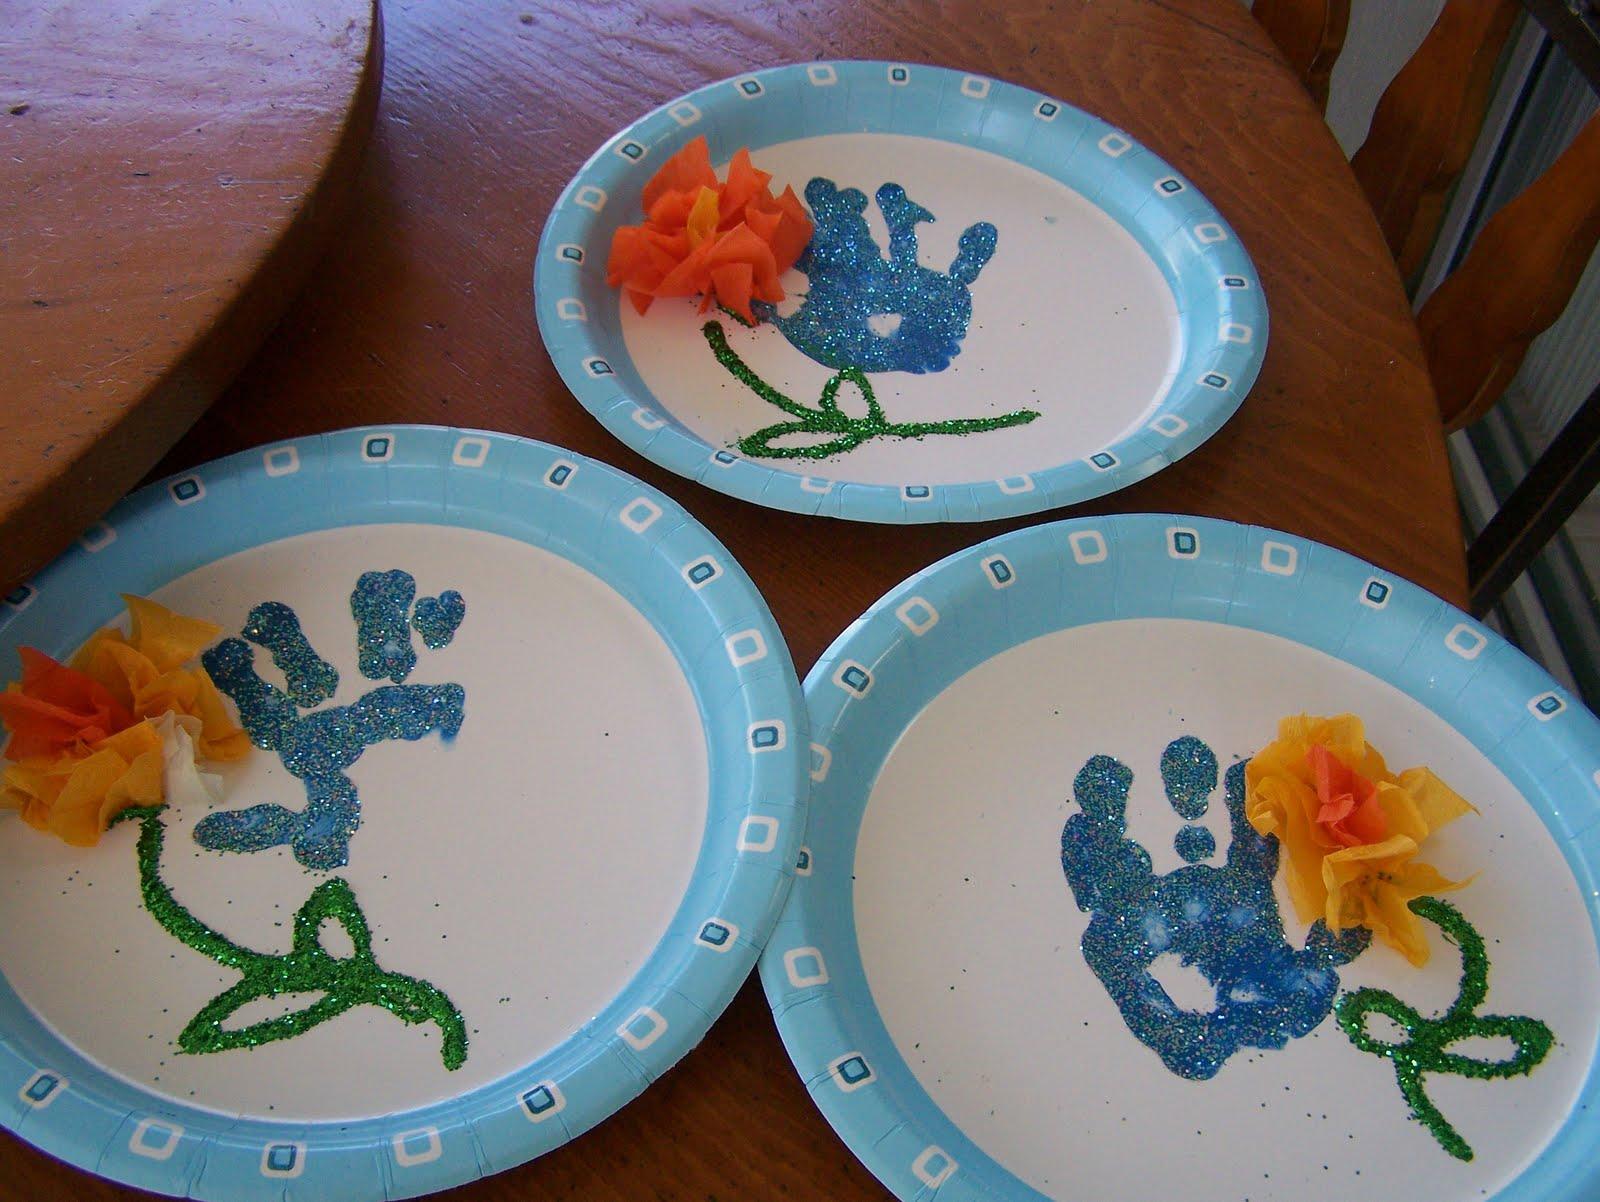 Childcare - Regalos para el dia de la madre manualidades ...